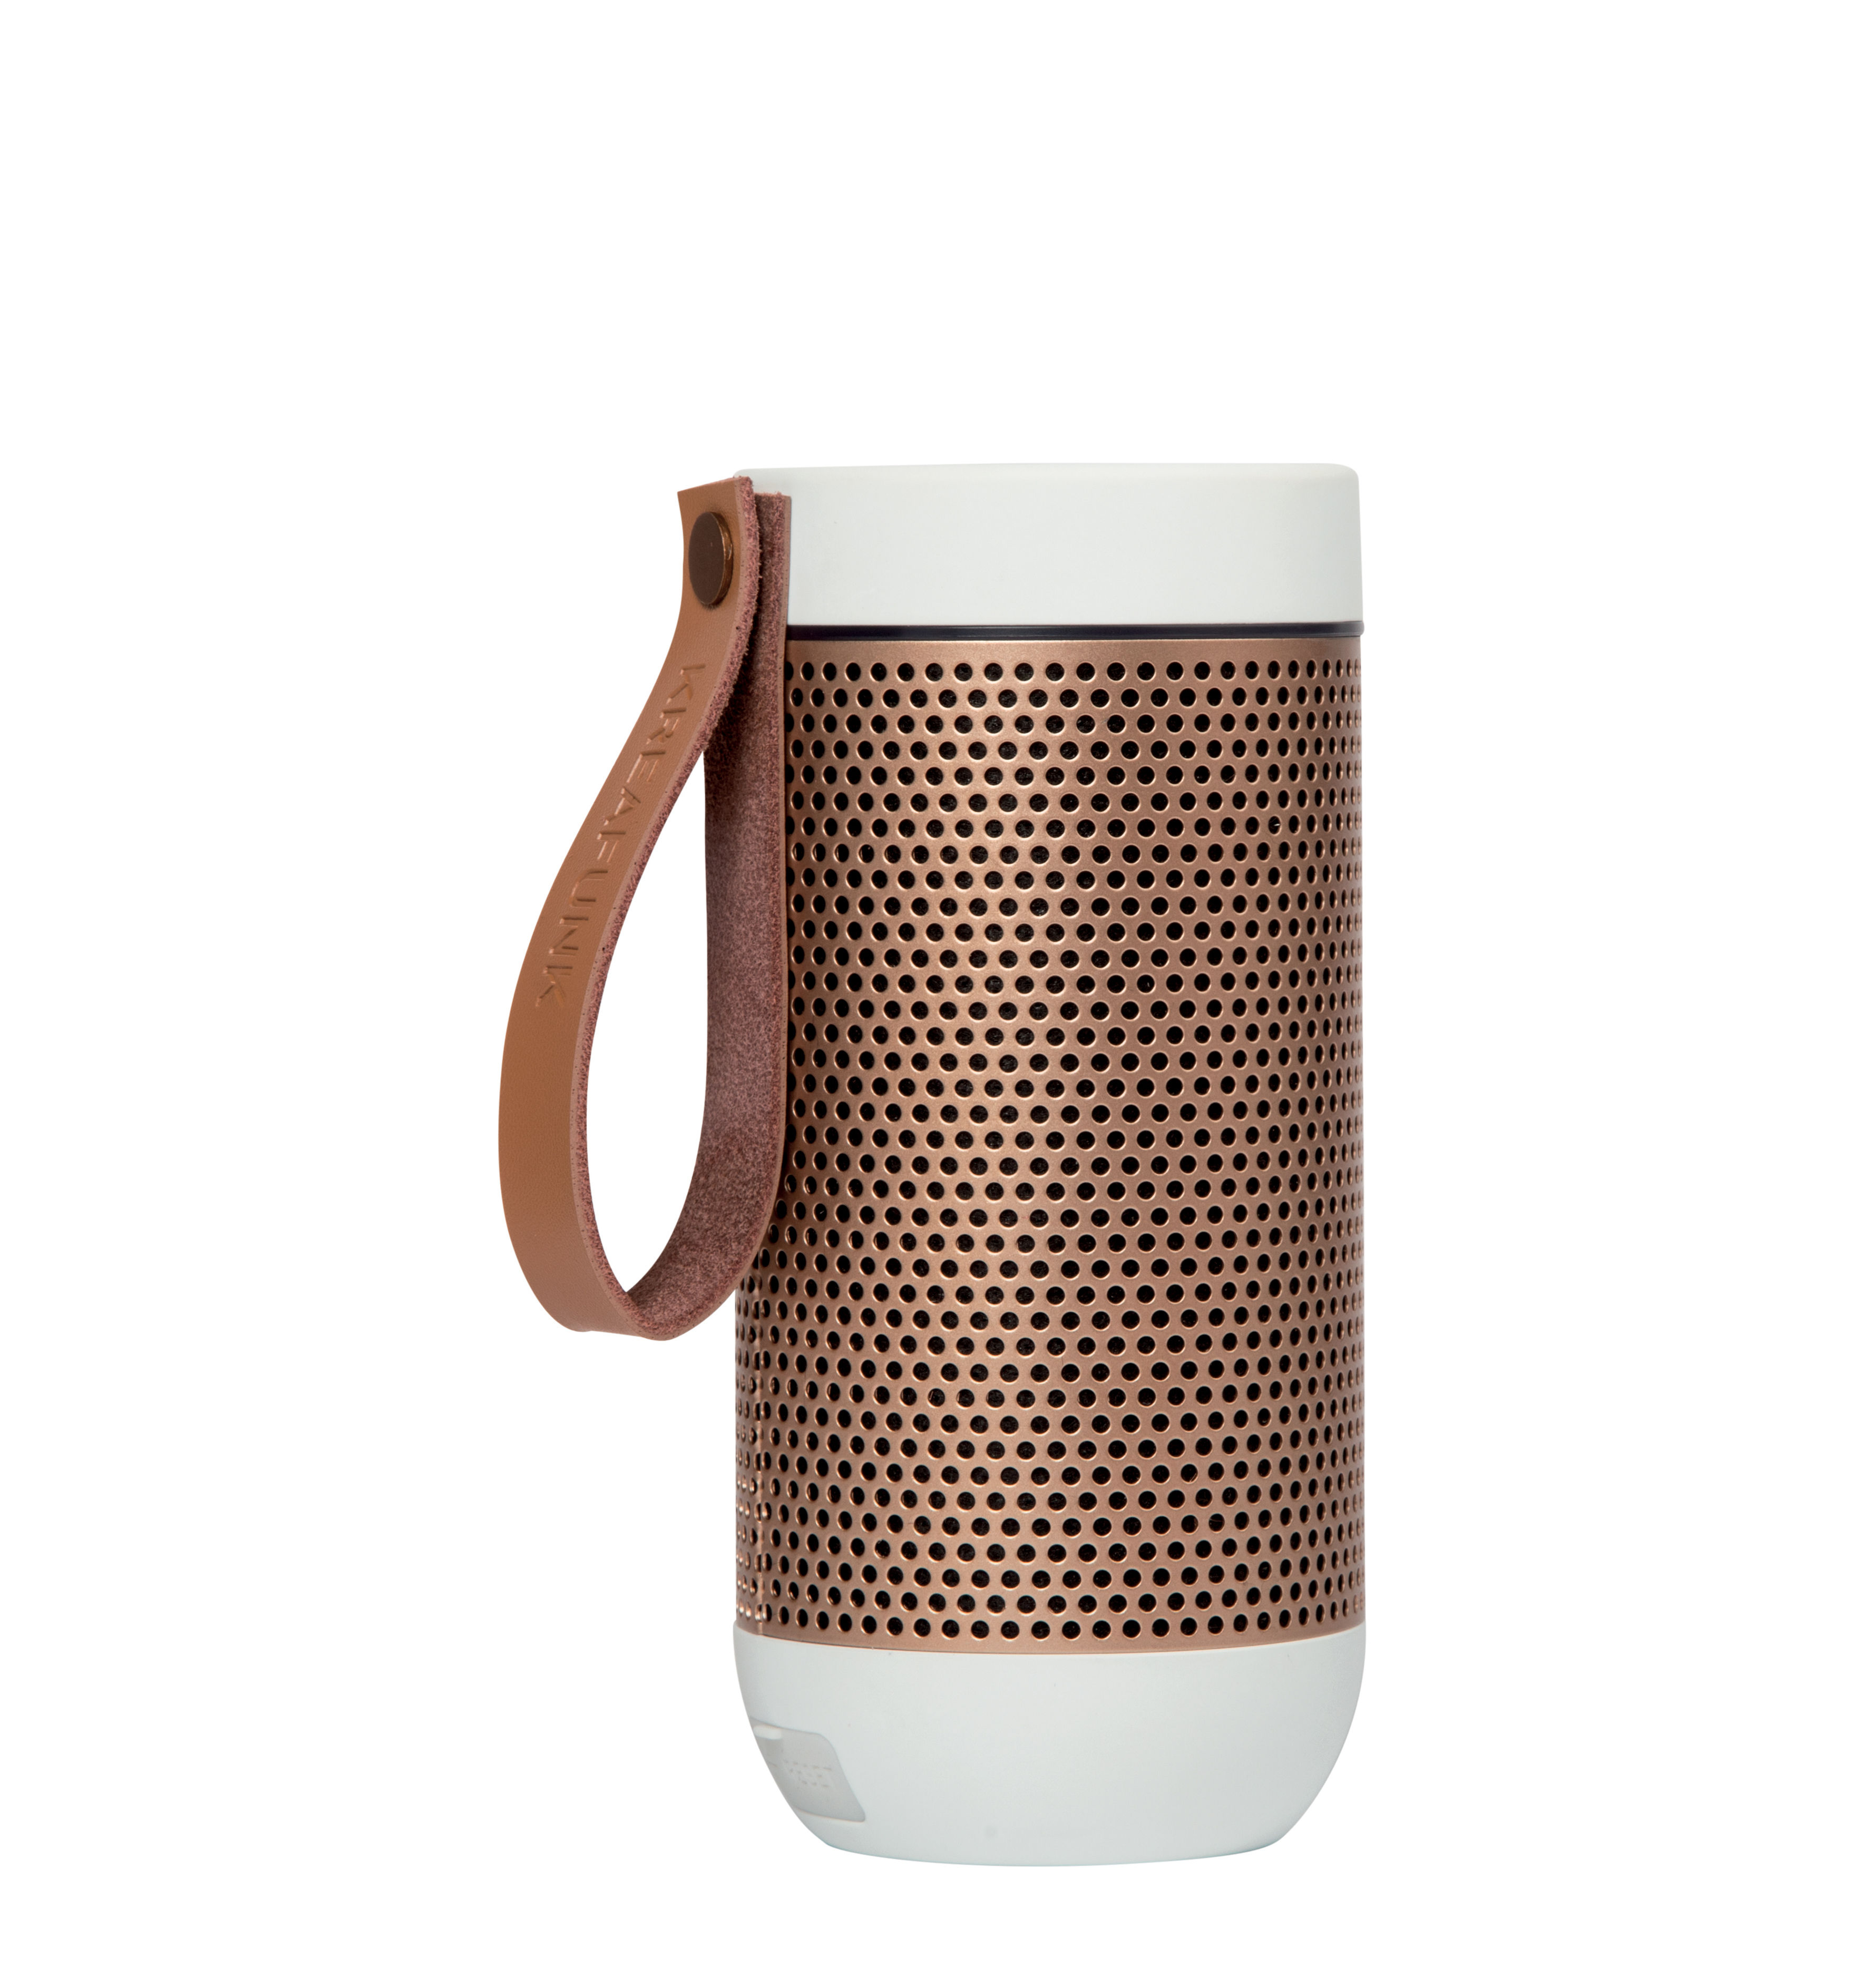 Noël design - Pour elle - la Scandinave - Enceinte Bluetooth aFUNK / Portable sans fil - Kreafunk - Blanc /  or rosé - Aluminium, Cuir, Matière plastique